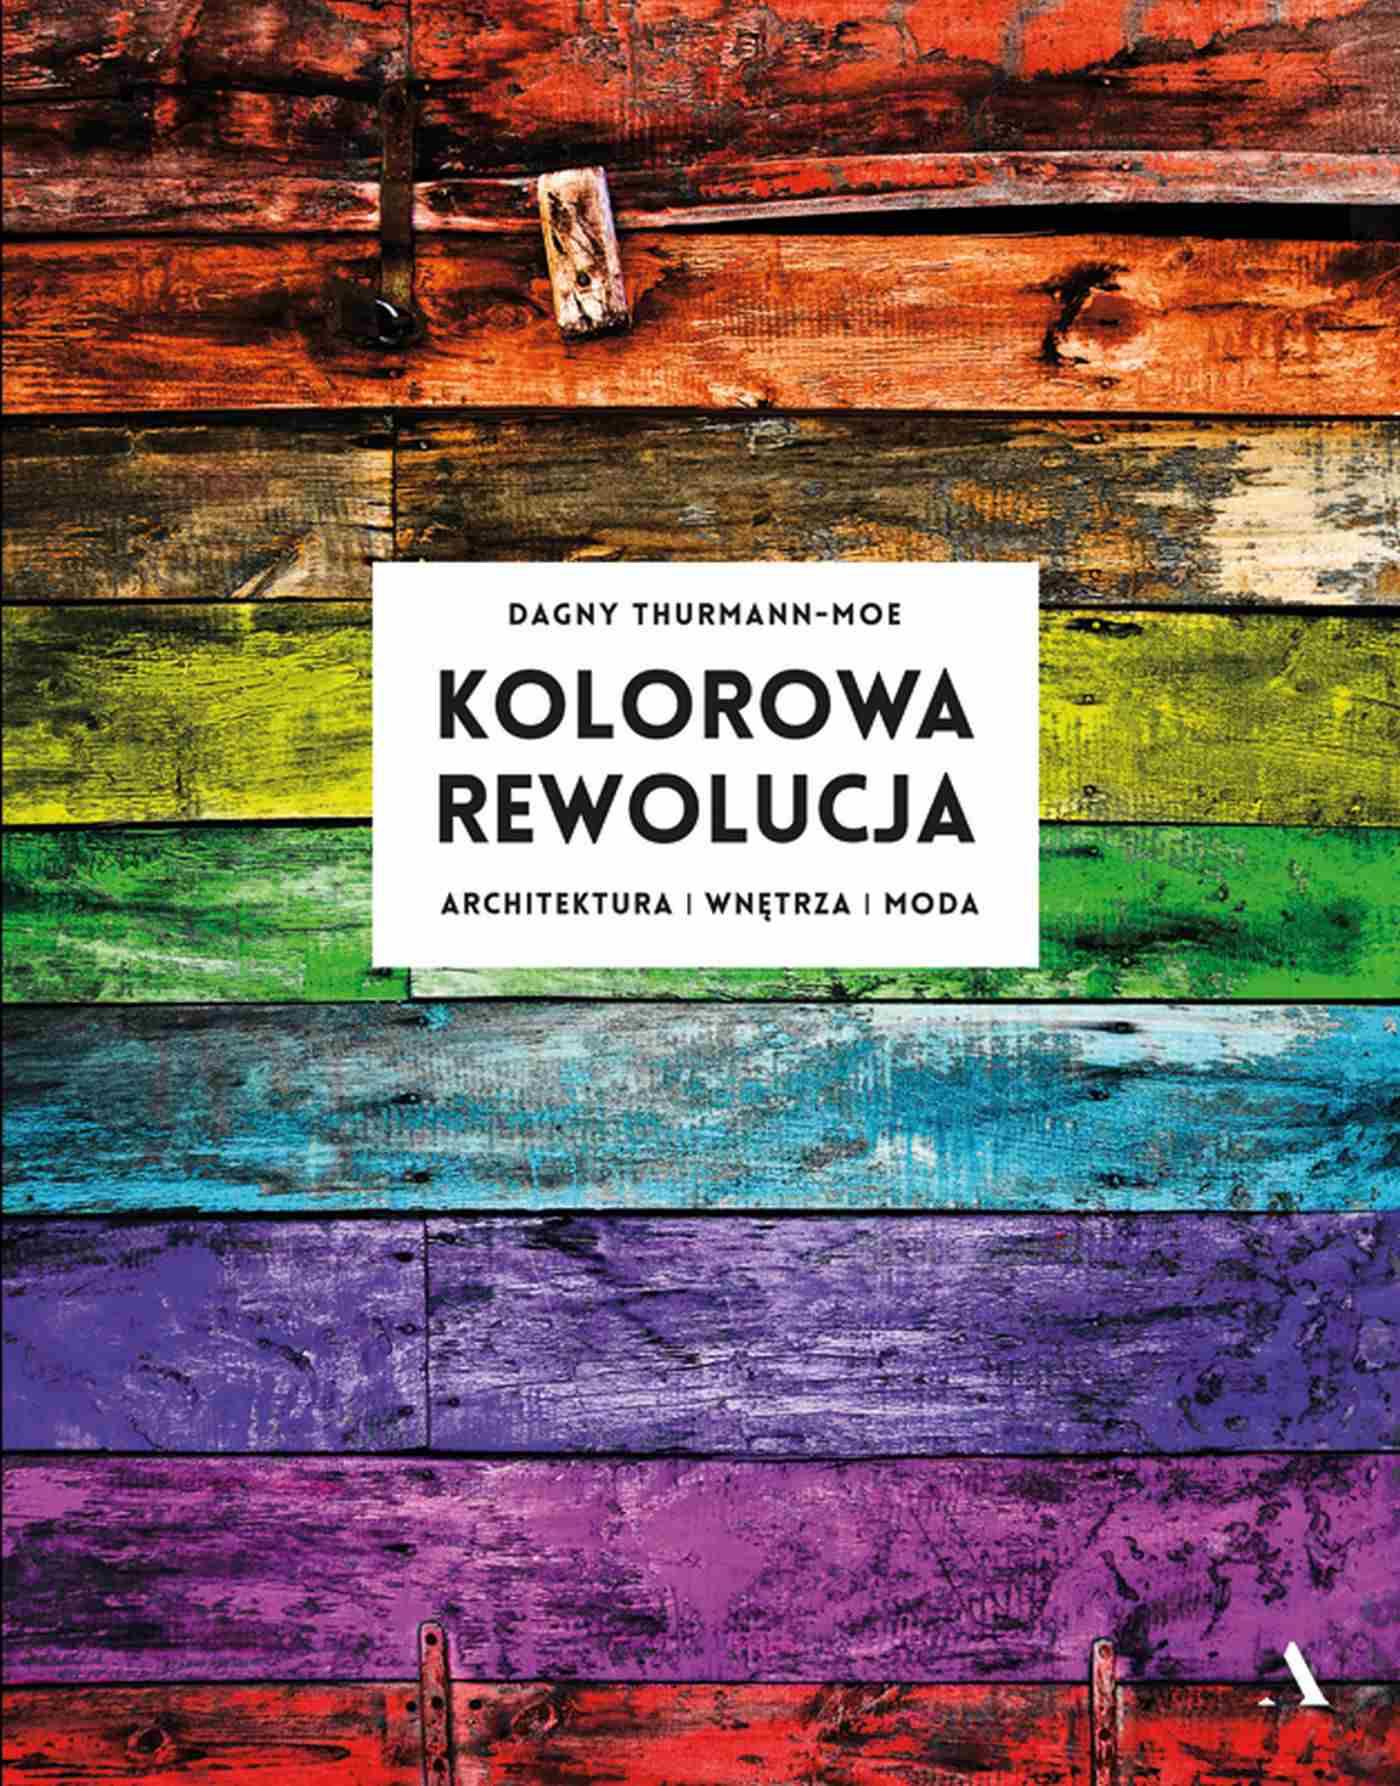 Kolorowa rewolucja. Architektura, wnętrza, moda - Ebook (Książka PDF) do pobrania w formacie PDF